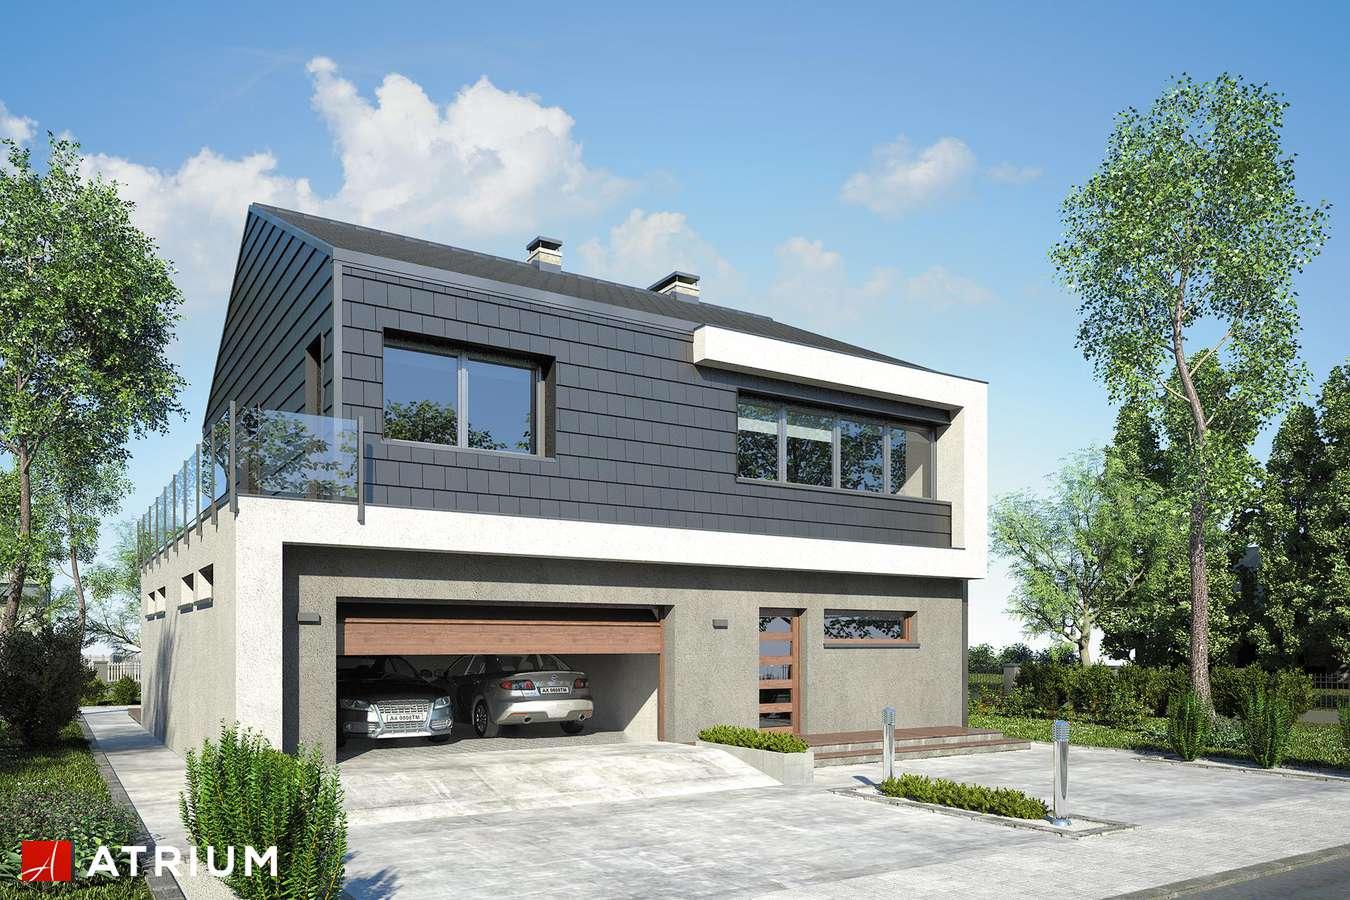 Projekty domów - Projekt domu piętrowego NEW HOUSE II - wizualizacja 2